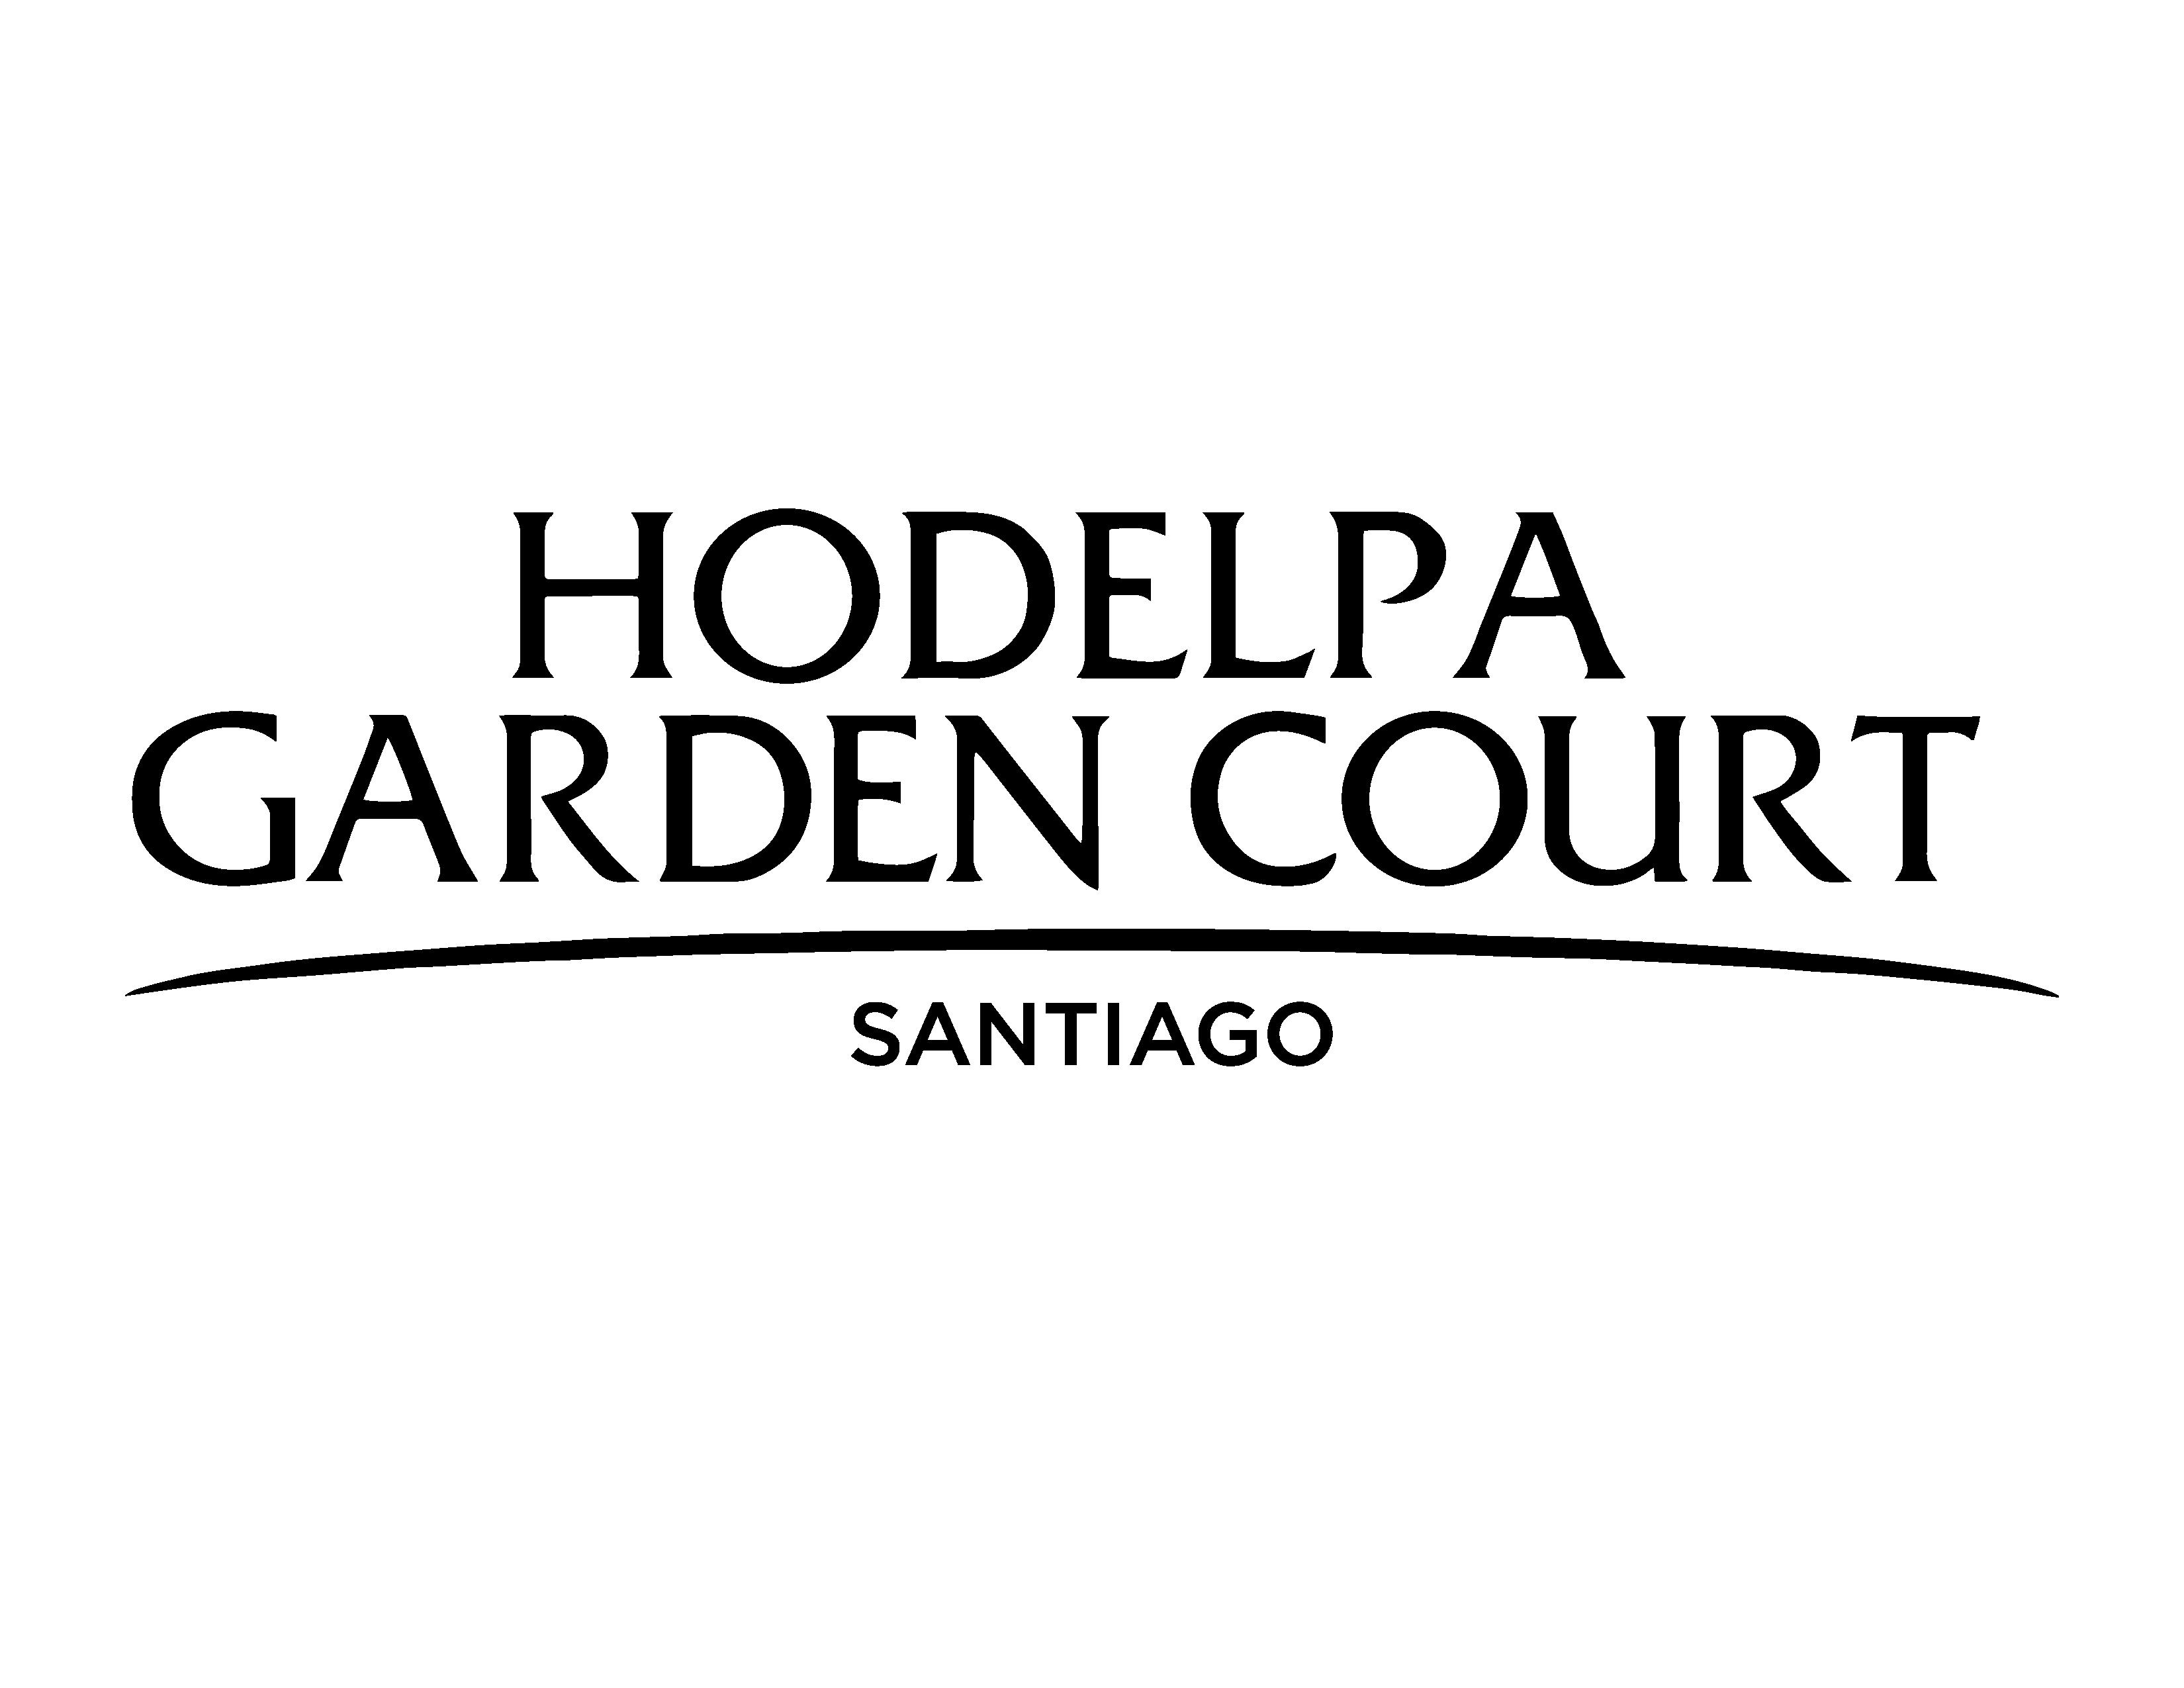 hodelpa-garden-court-santiago-logo.png